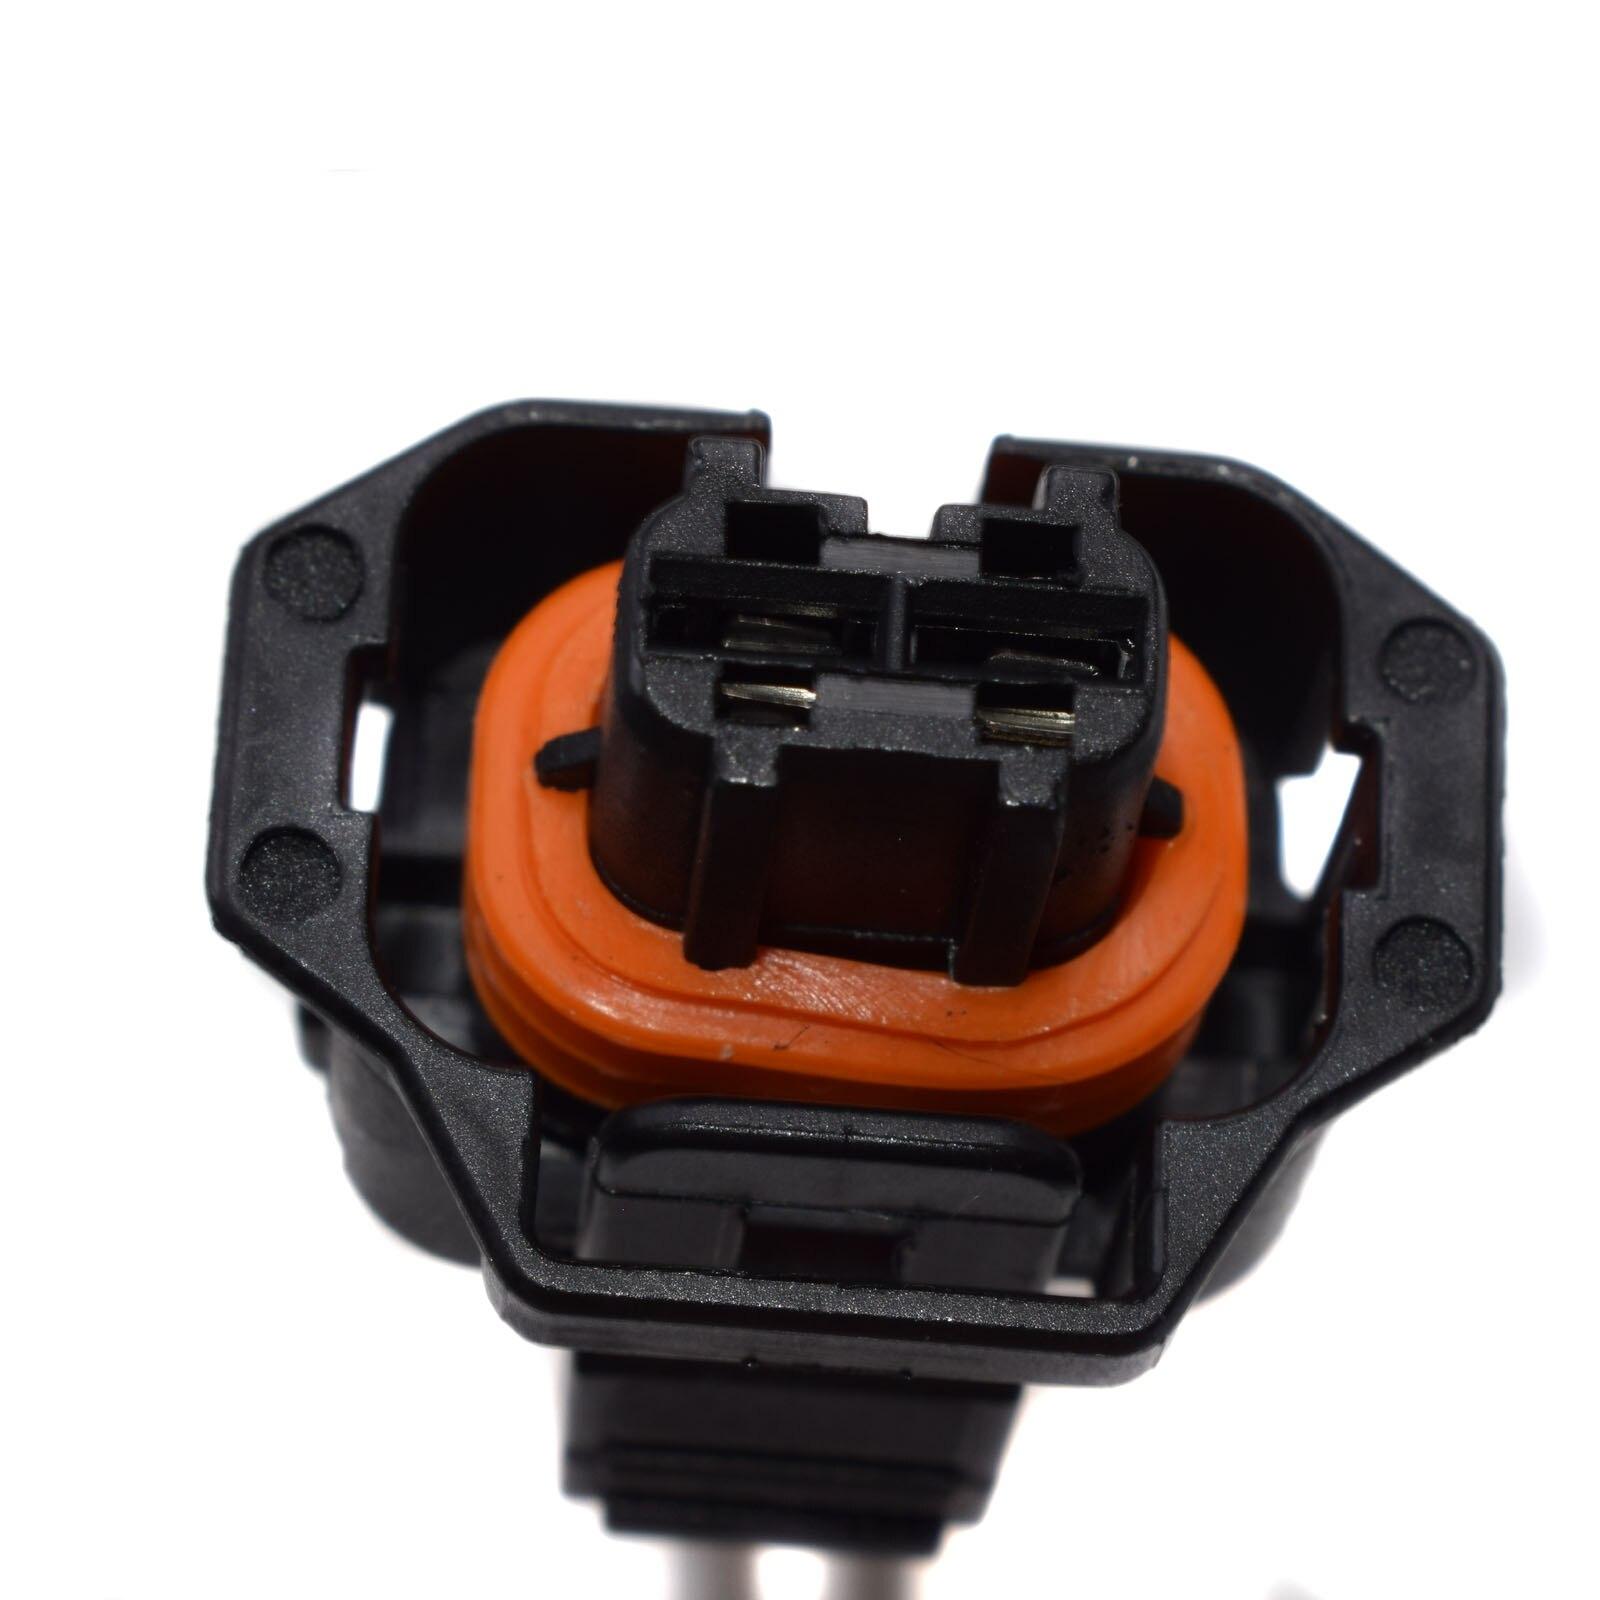 0928400535 Fuel Pressure Regulator Connector LB7 LLY LBZ LMM DD-3850026247